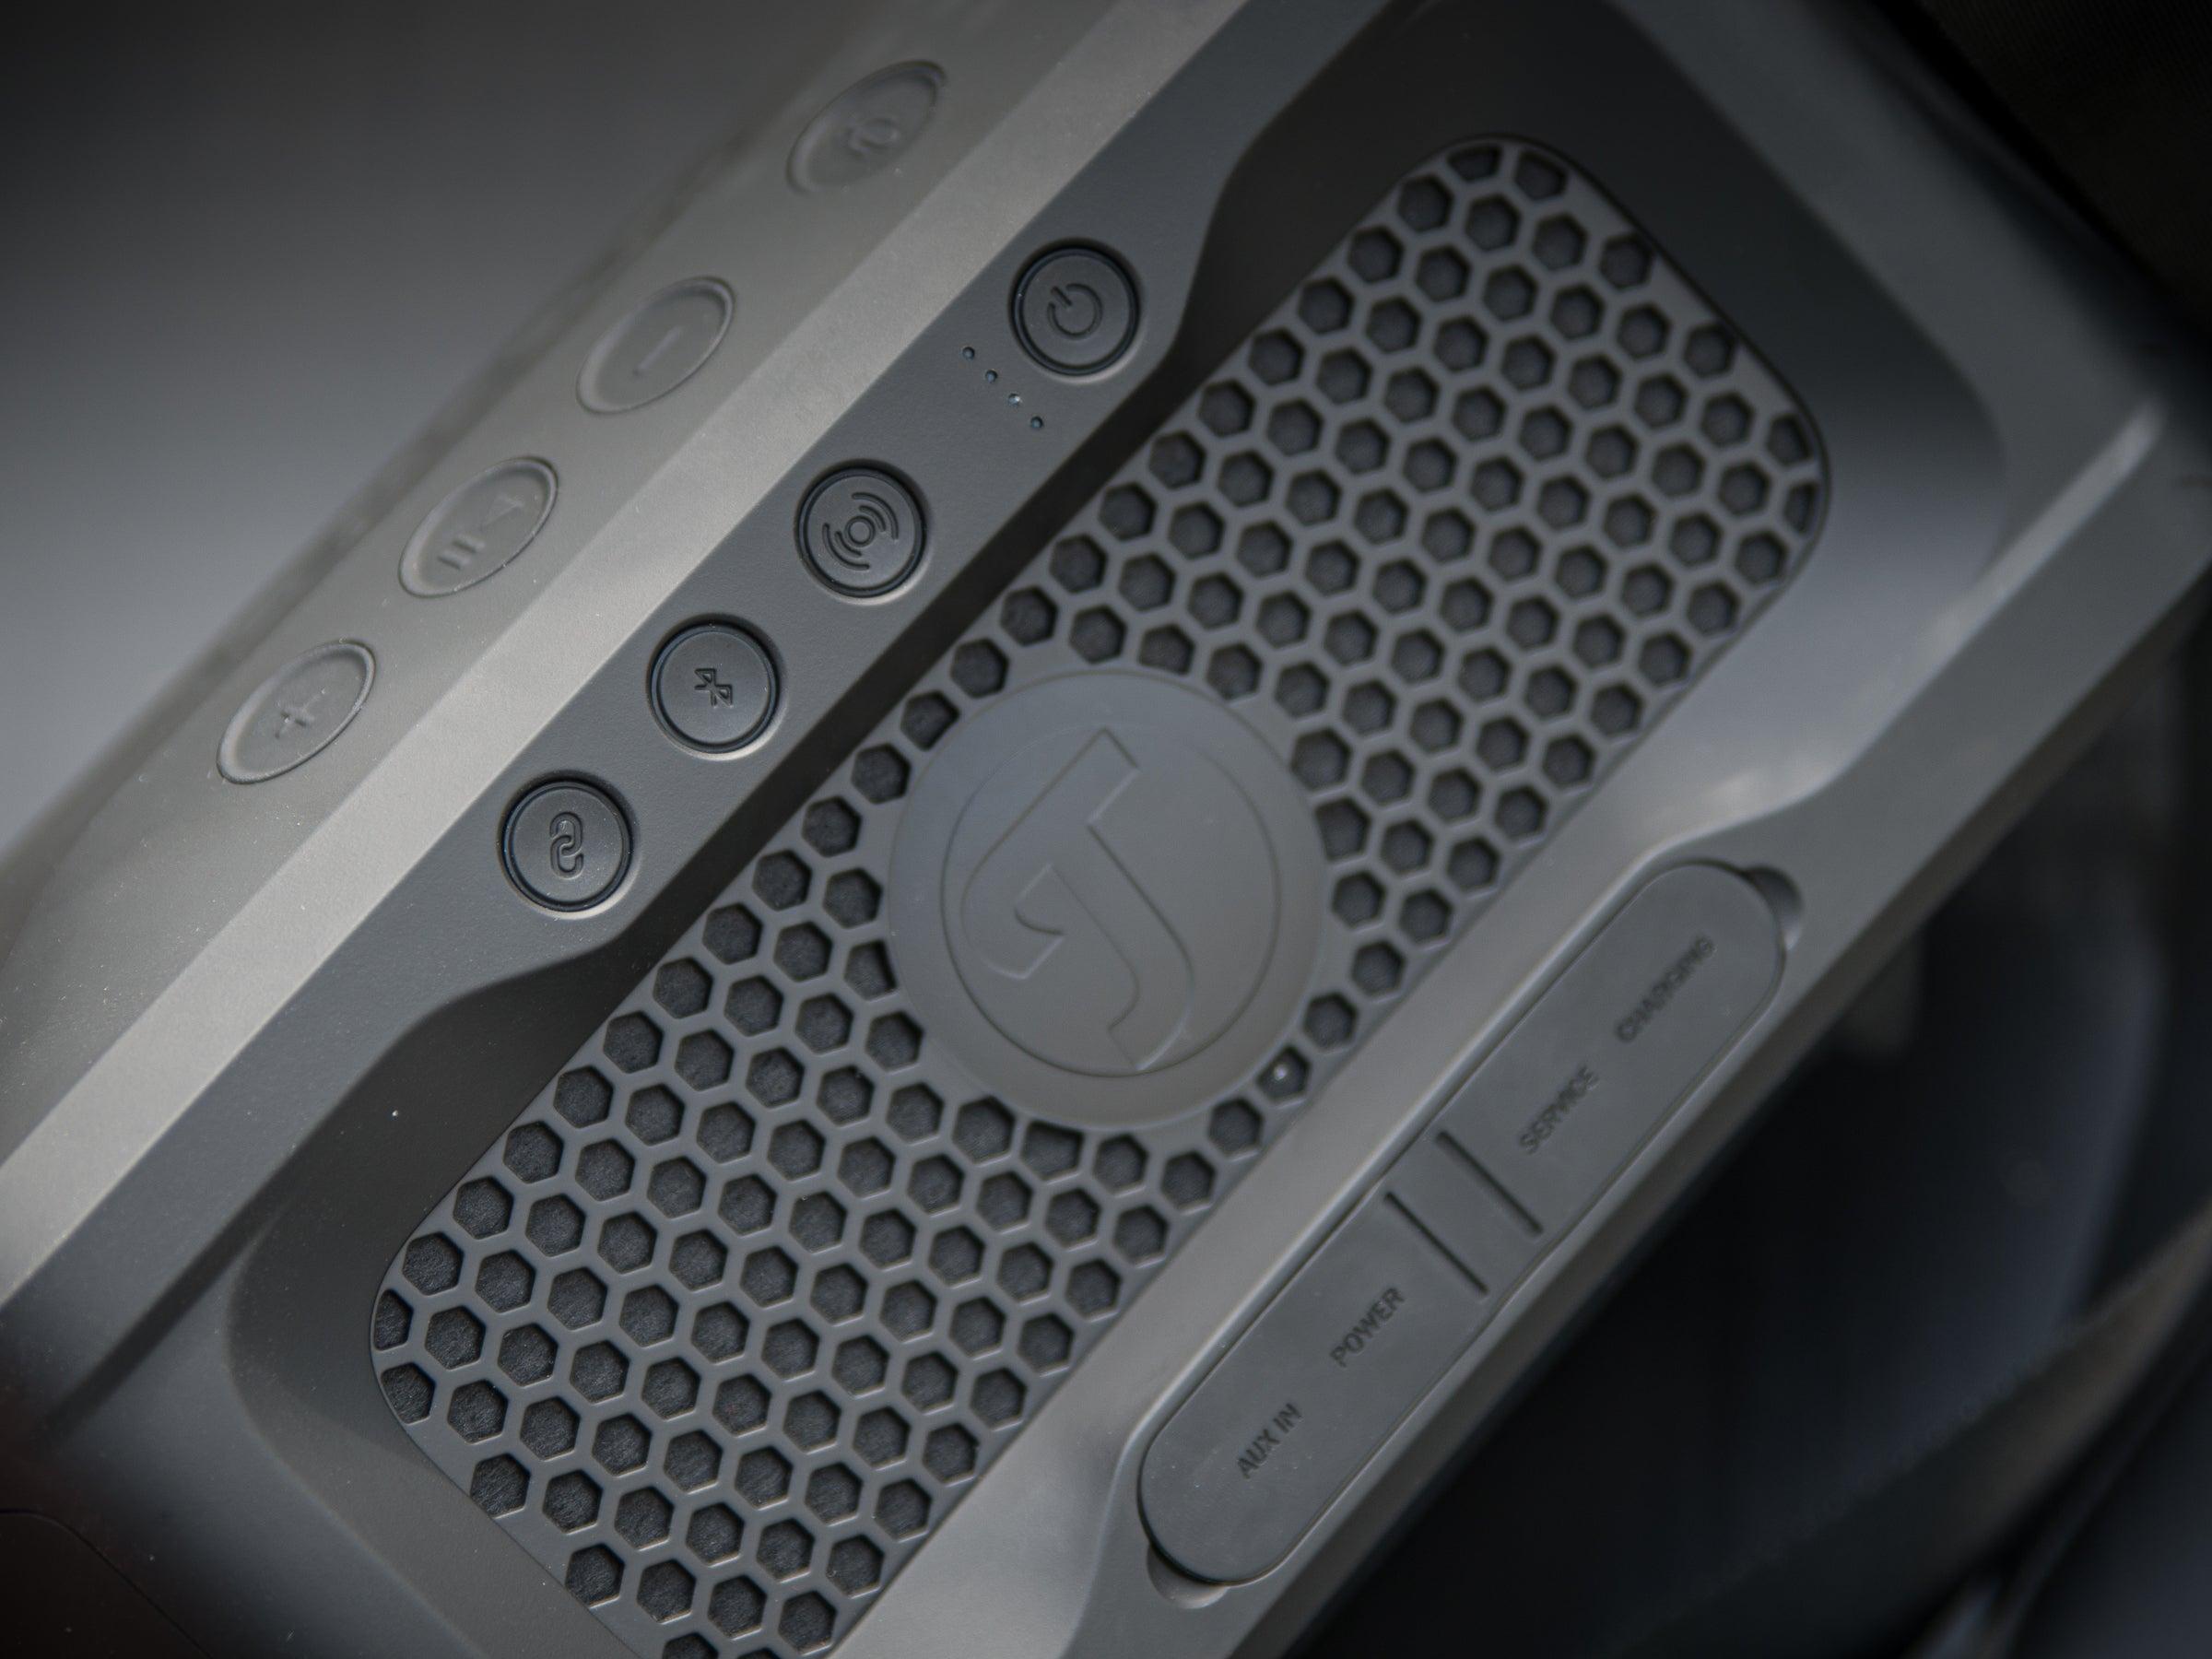 Die Bedienelemente des Lautsprechers